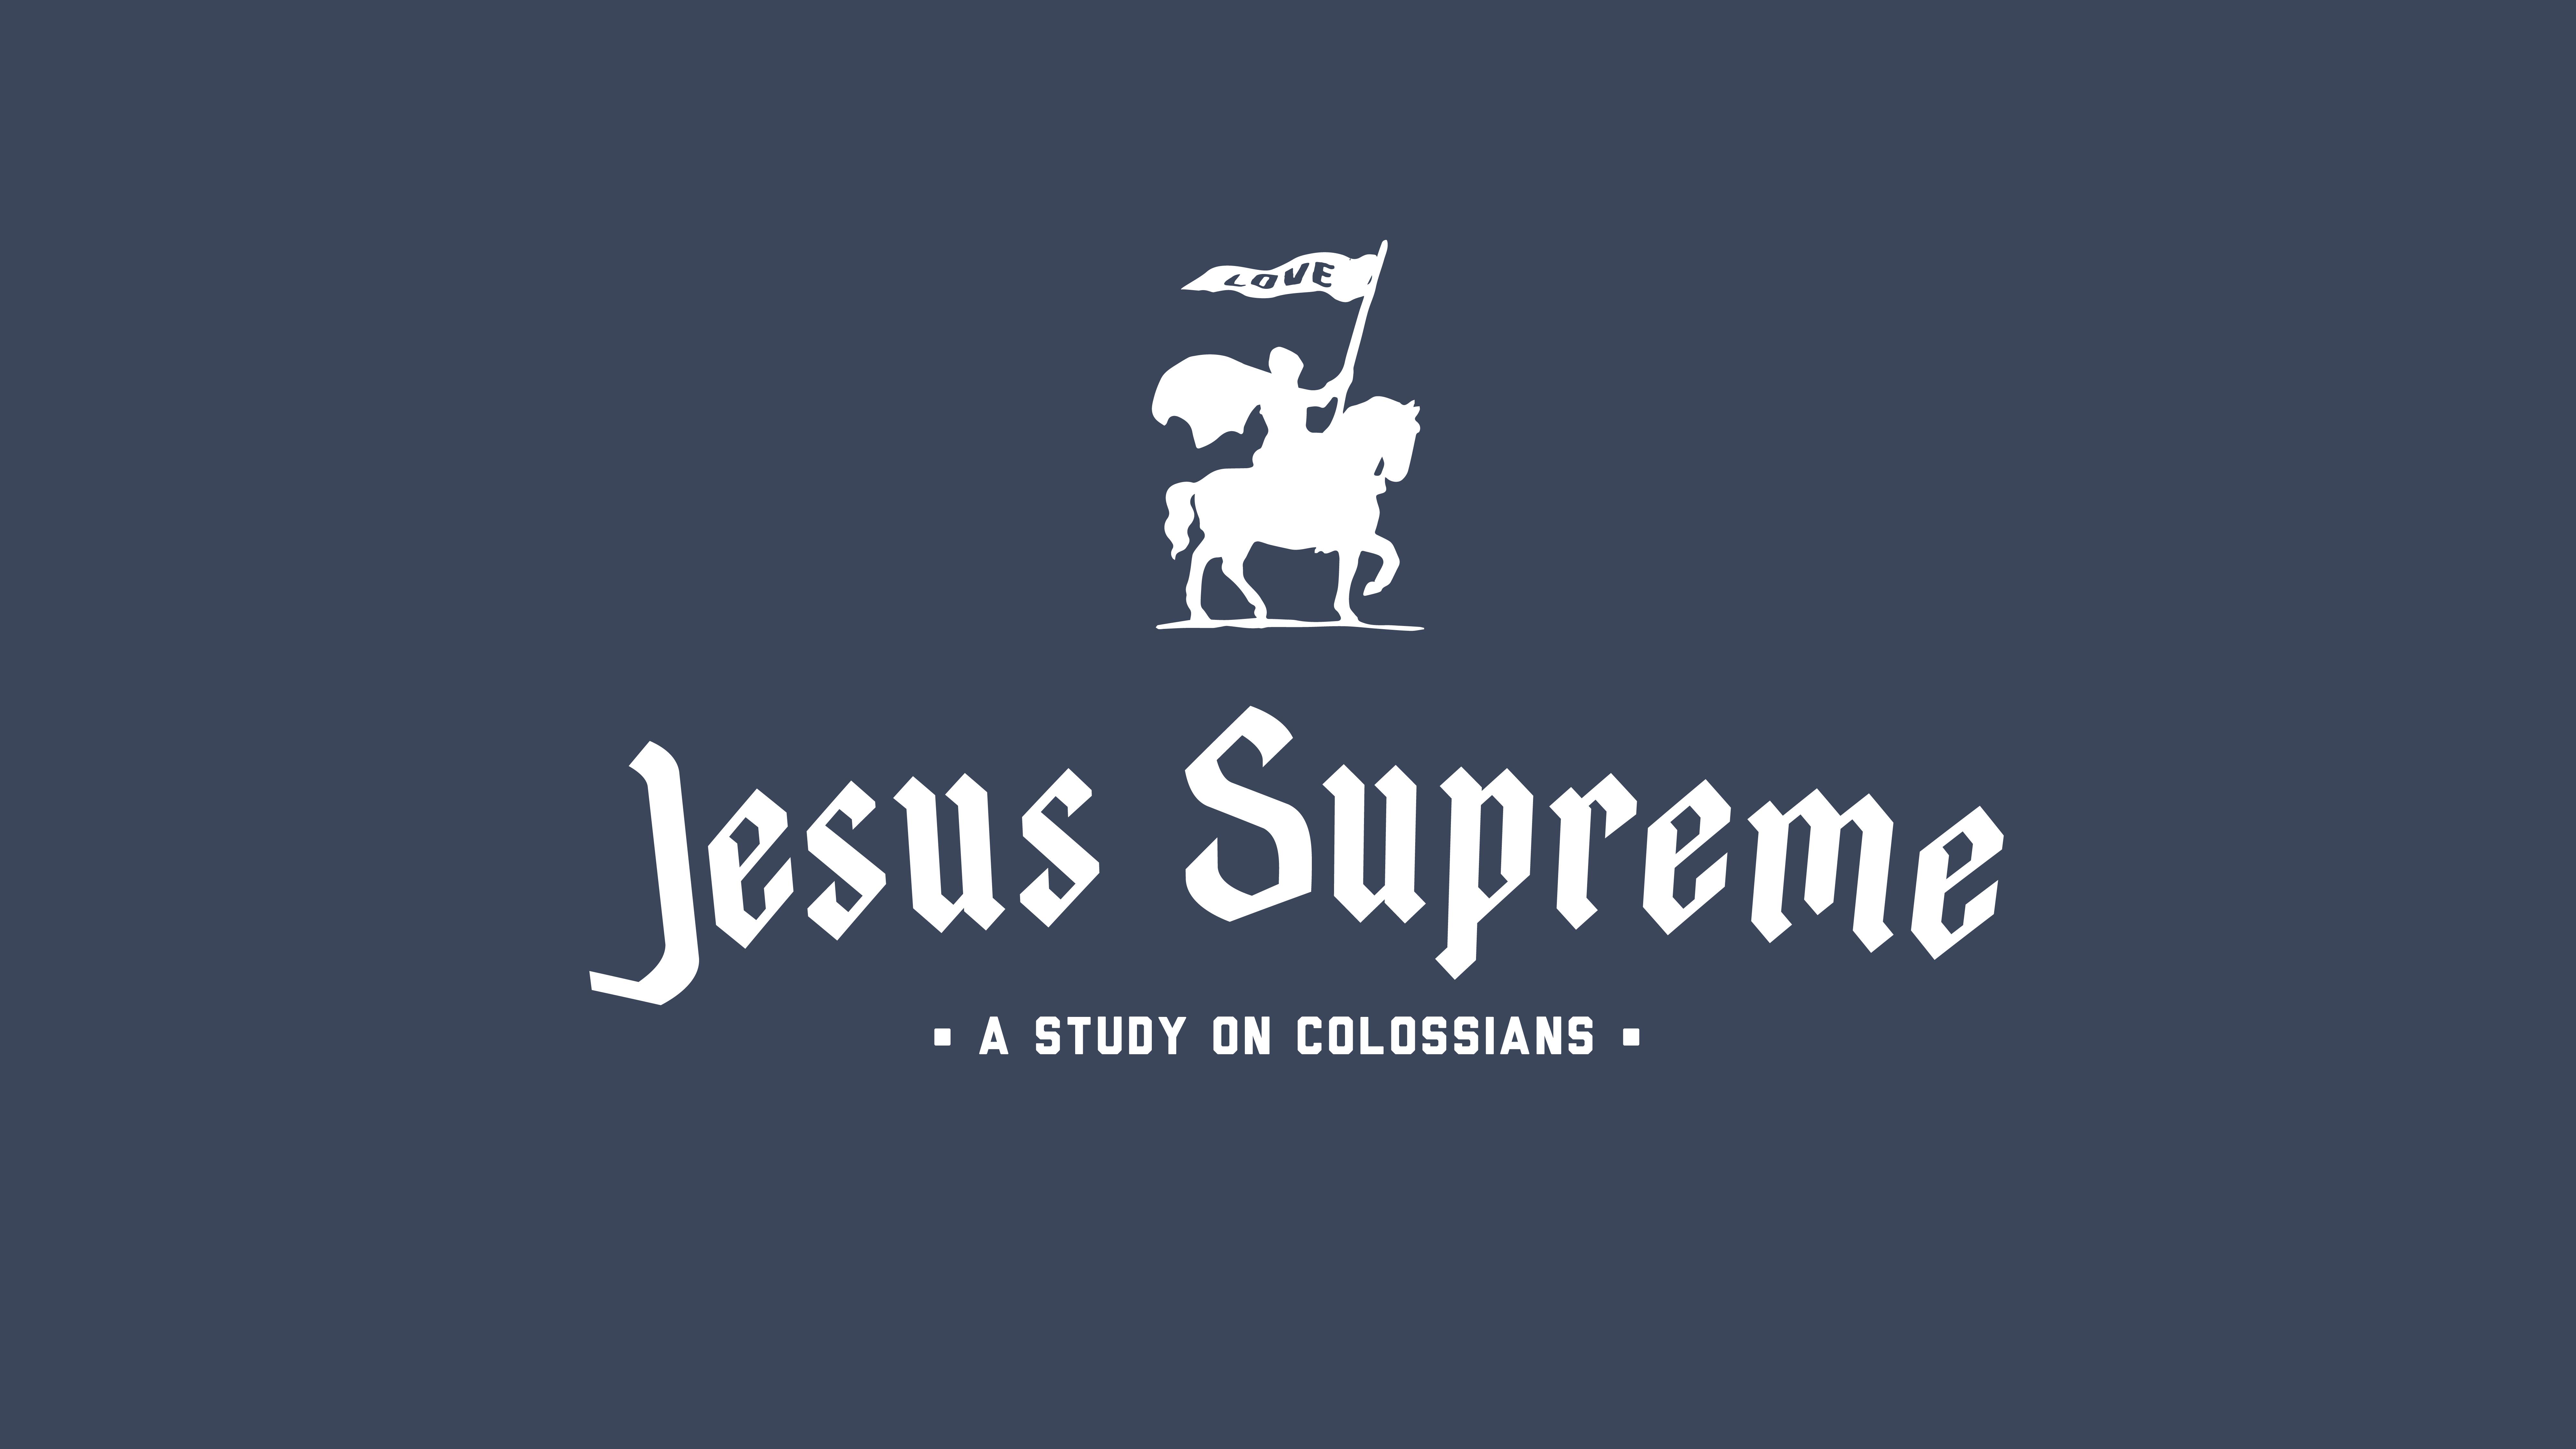 Episode 11 - Jesus Supreme: Open Door Image